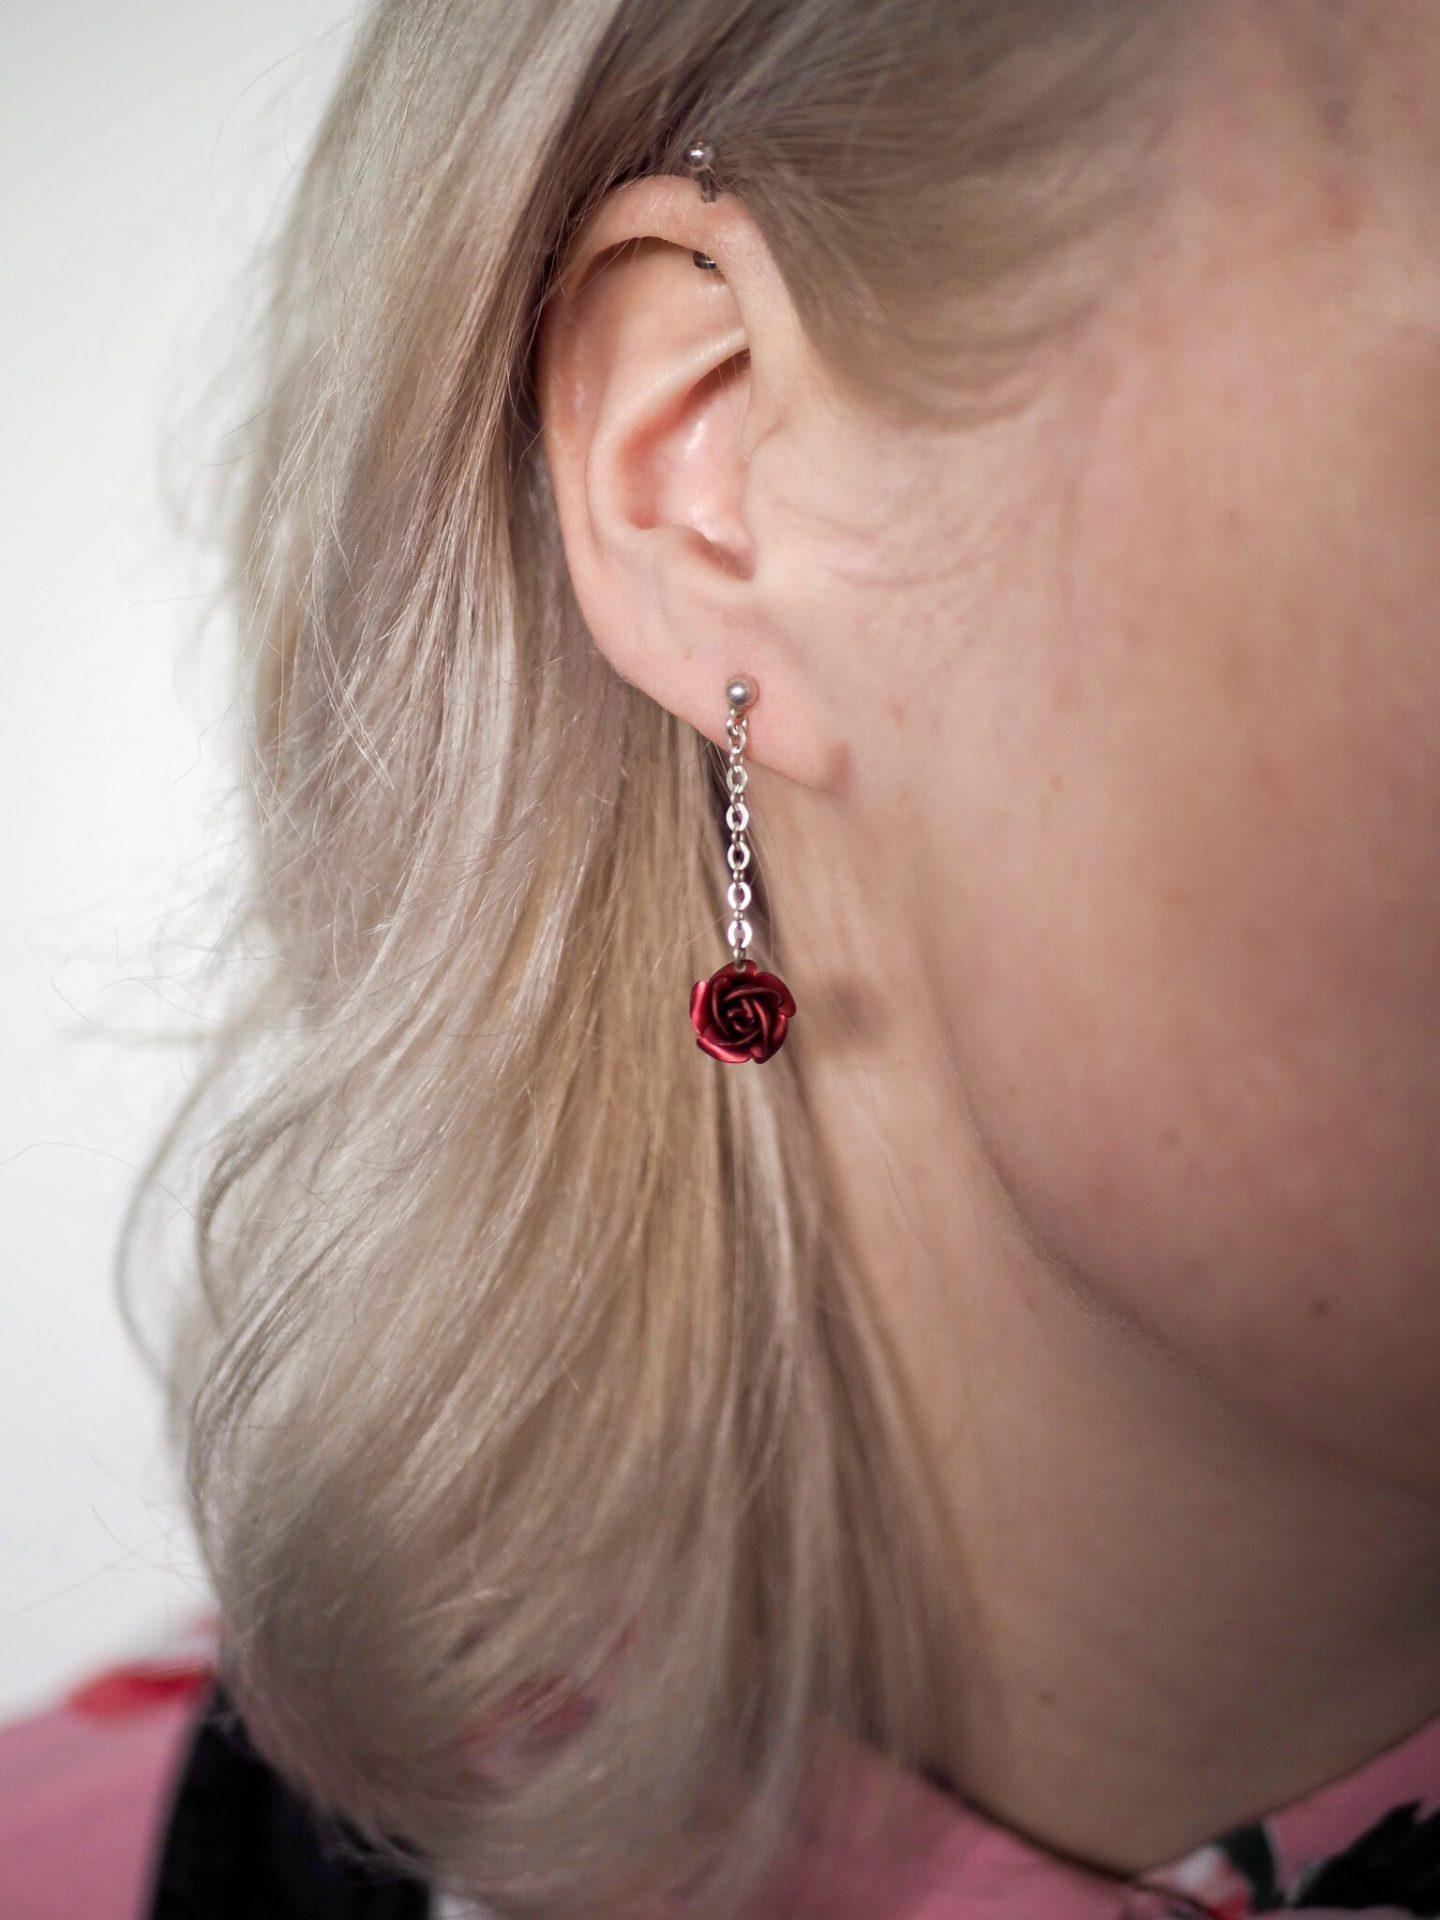 Rose earring in ear